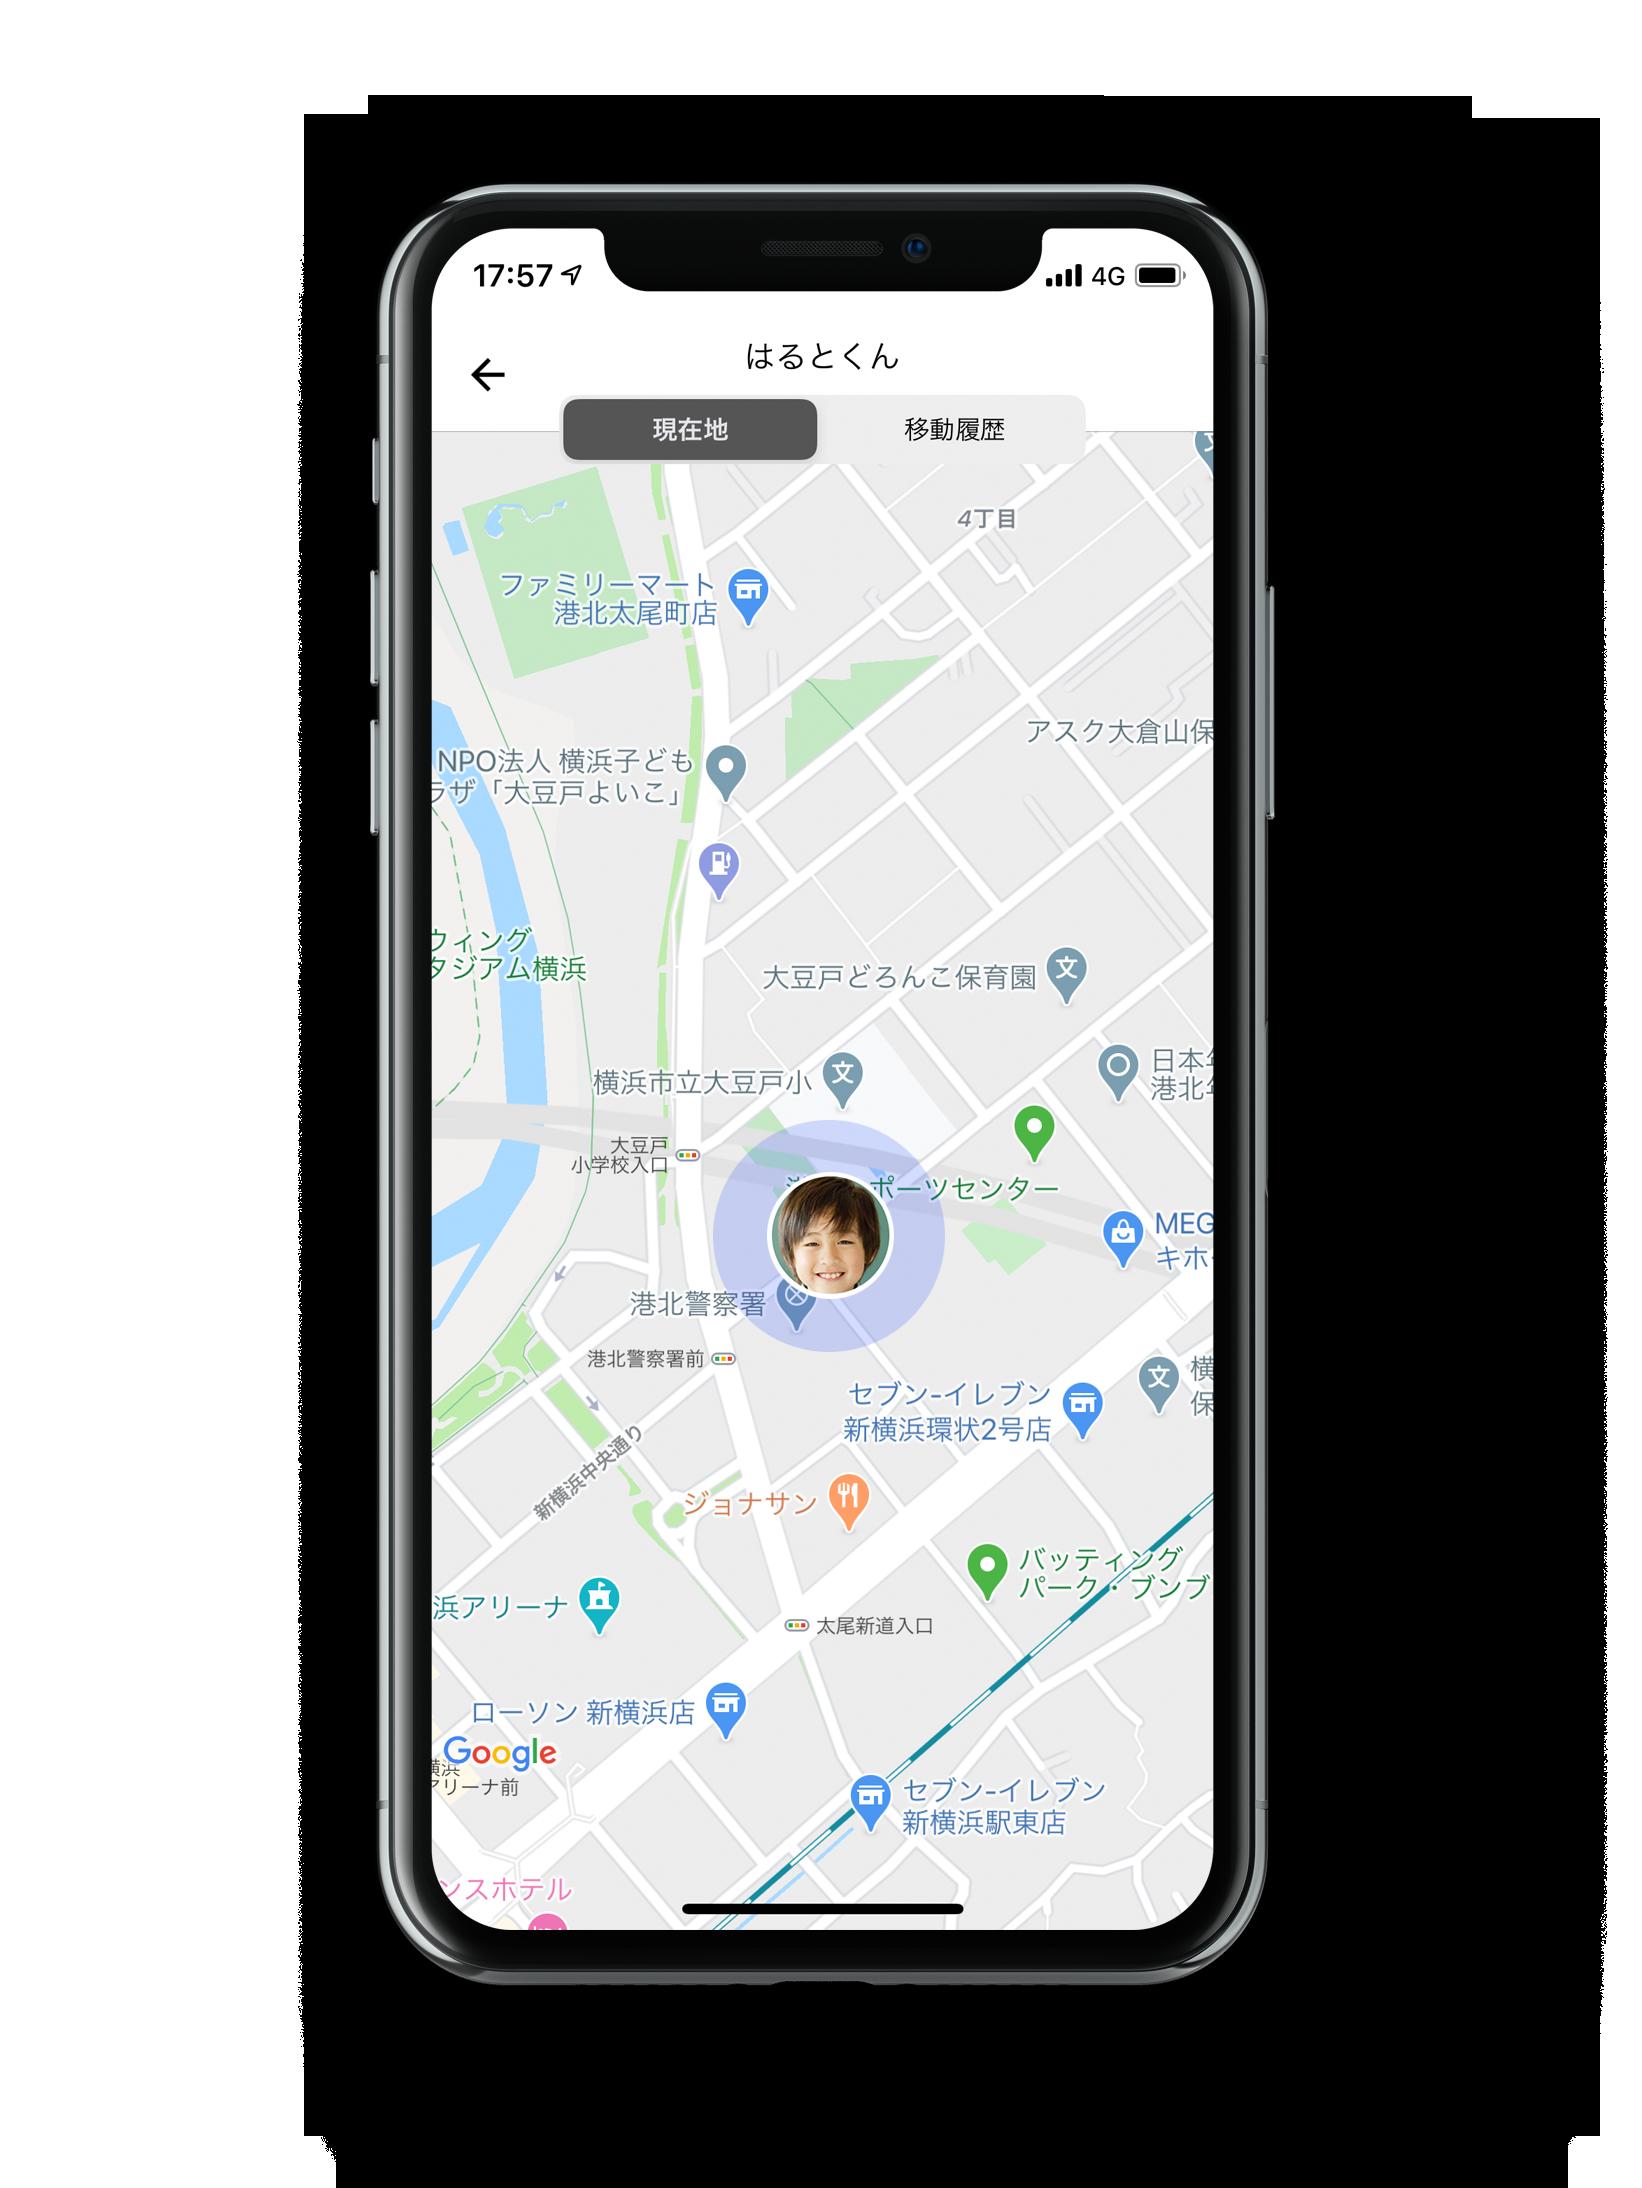 GPS BoT アプリで子供の現在地を見守るスマートフォン